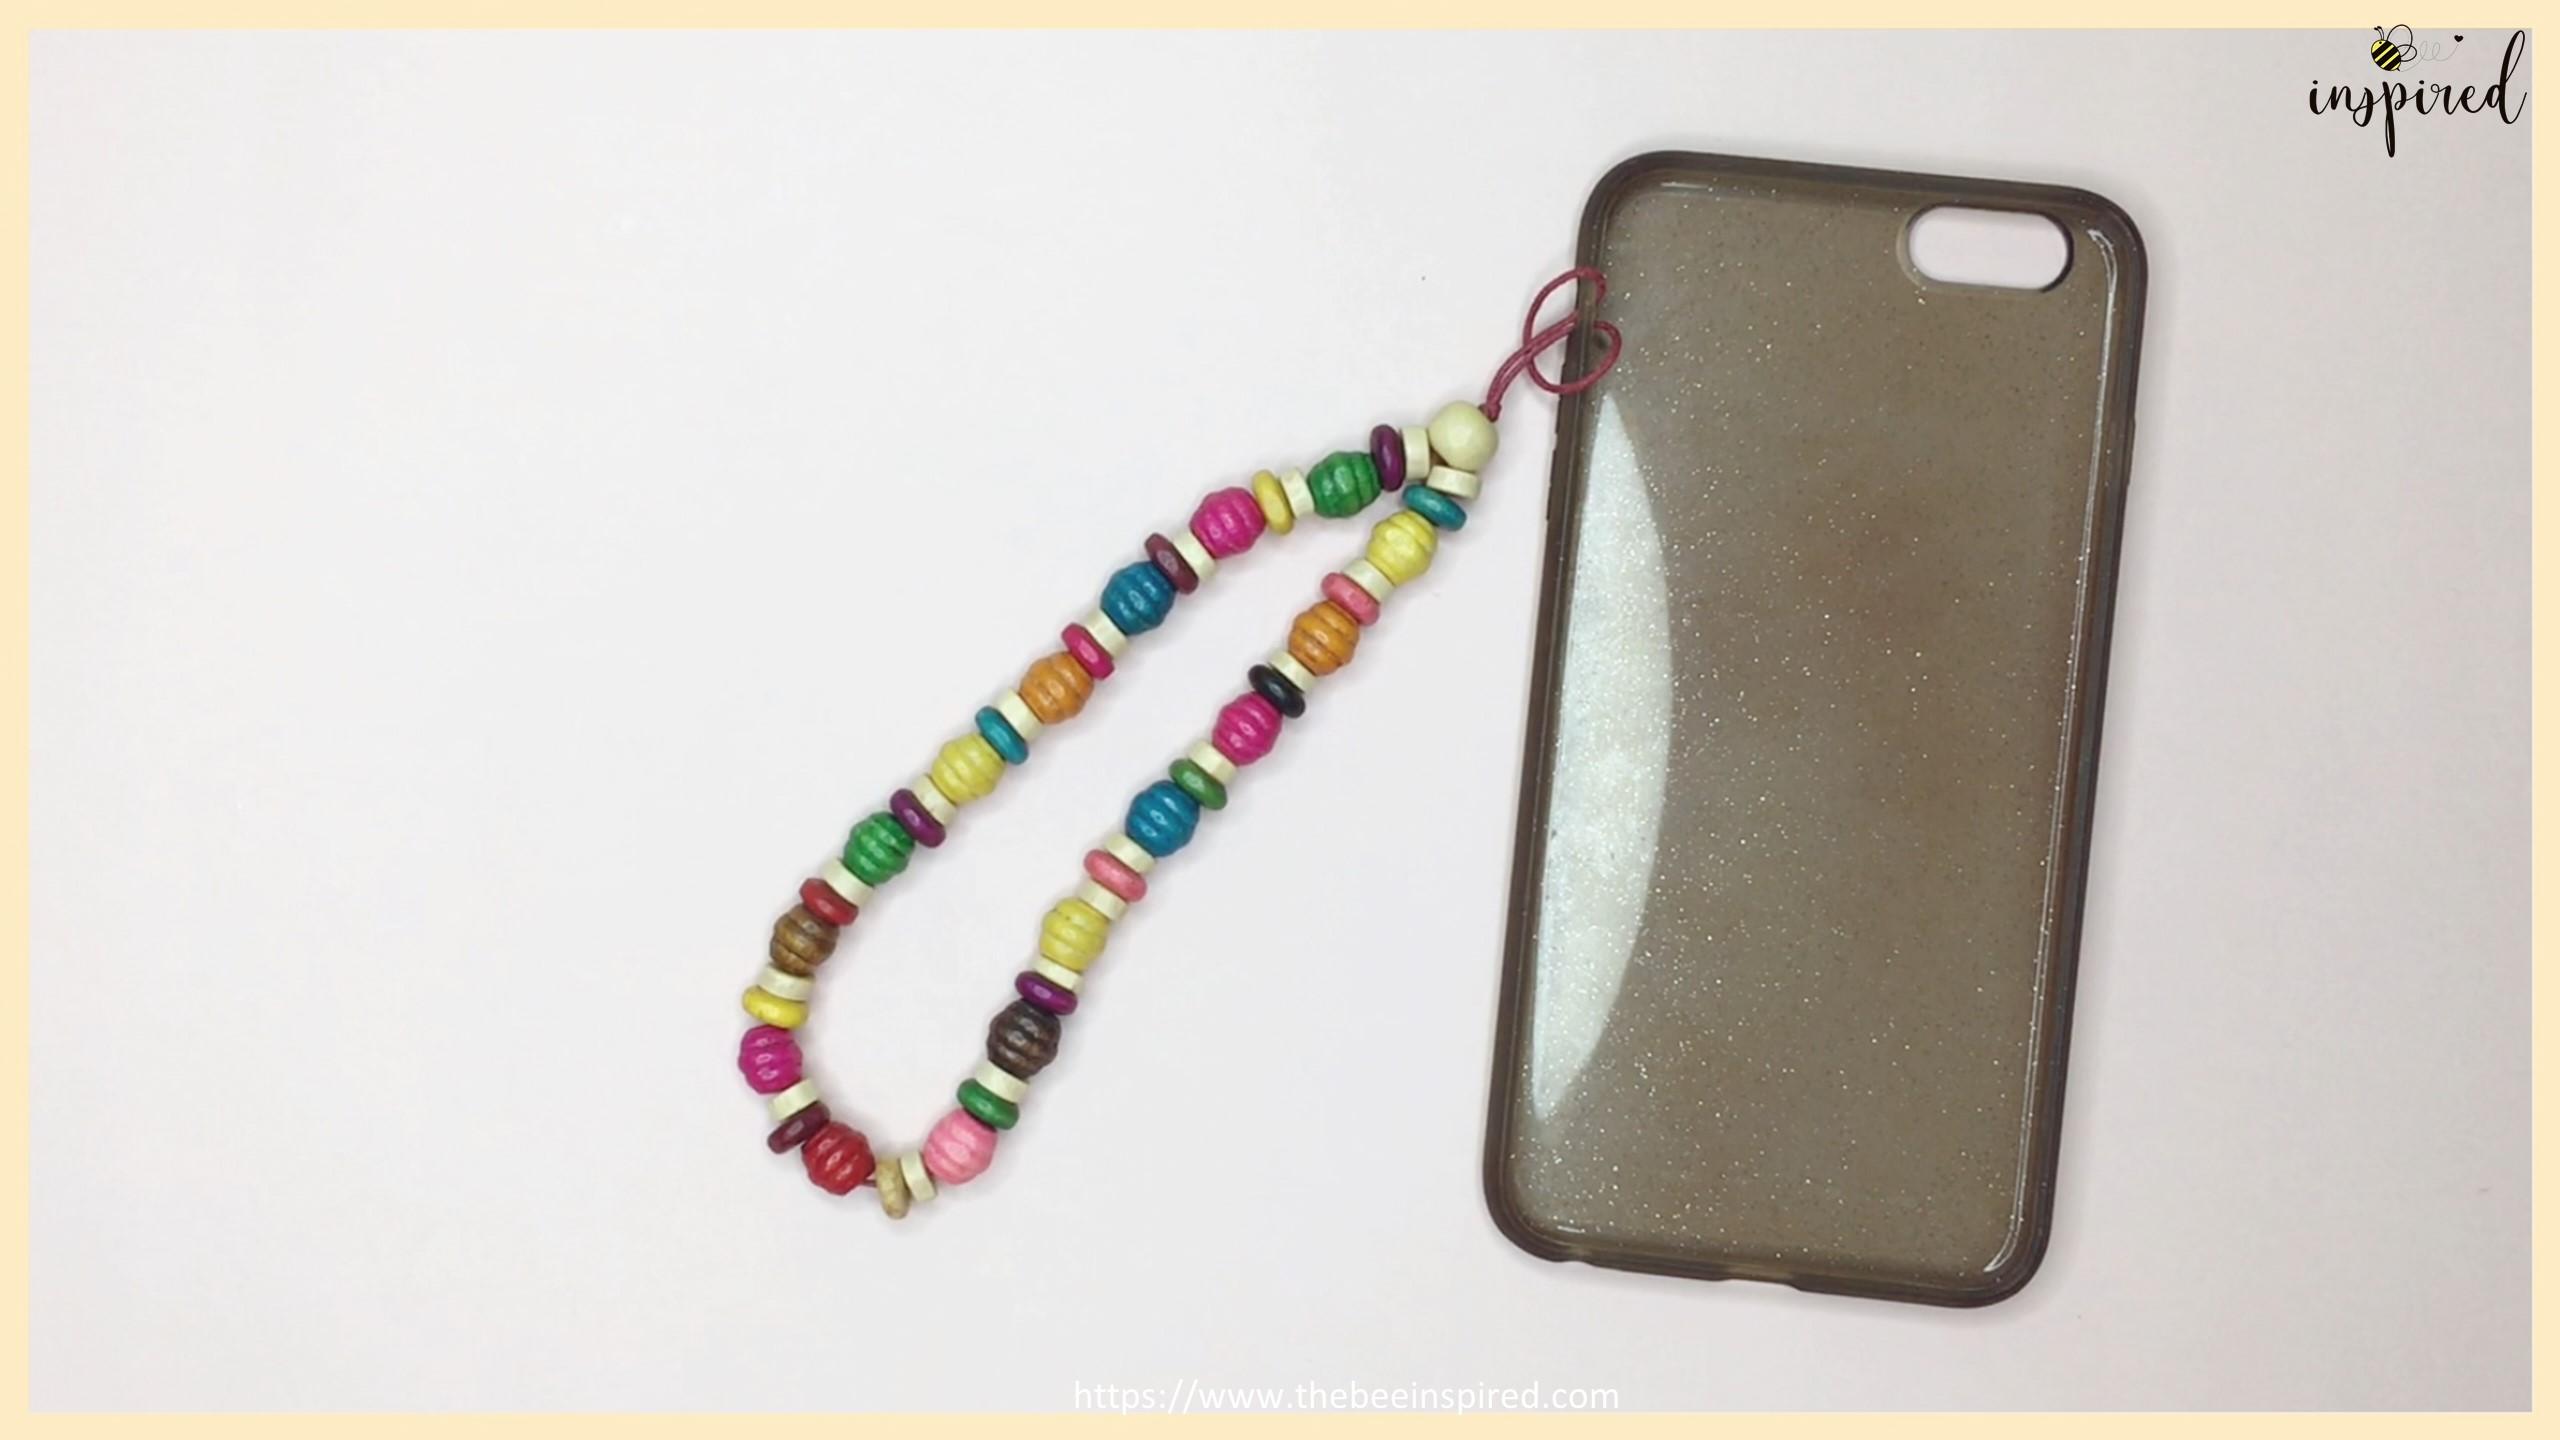 สอนทำพวงกุญแจลูกปัดห้อยโทรศัพท์ง่ายๆ อุปกรณ์แค่ 3 อย่าง - DIY Beaded Phone Charms (Easy Version) - Phone Strap - Phone Keychain_21